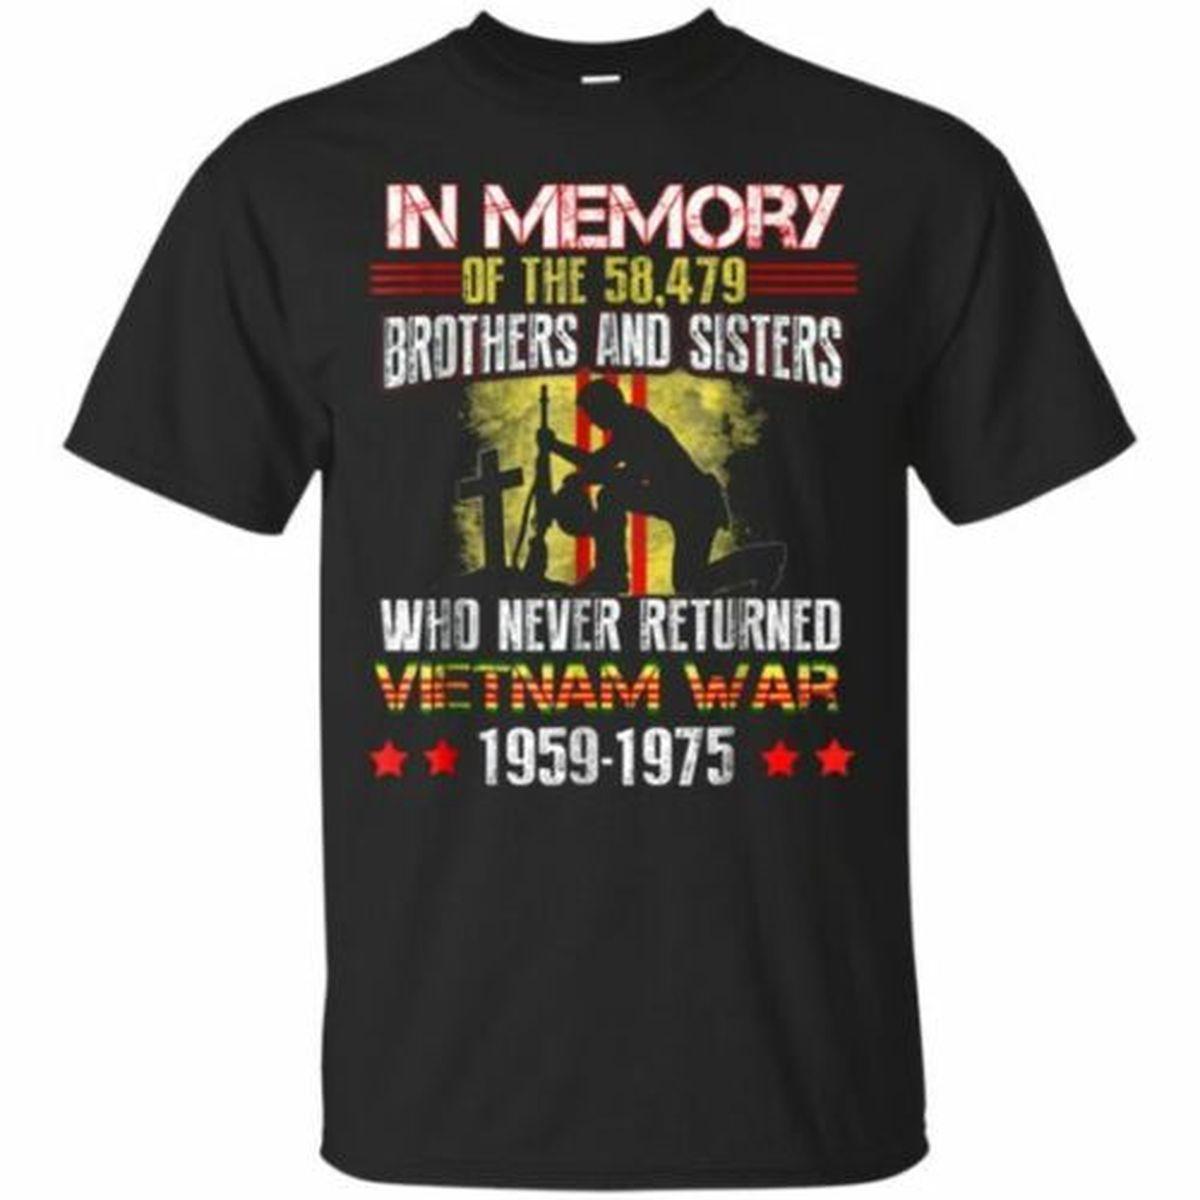 Veterano del Vietnam nella memoria della guerra del Vietnam T-shirt noi uomini Trend 2020 Cotton